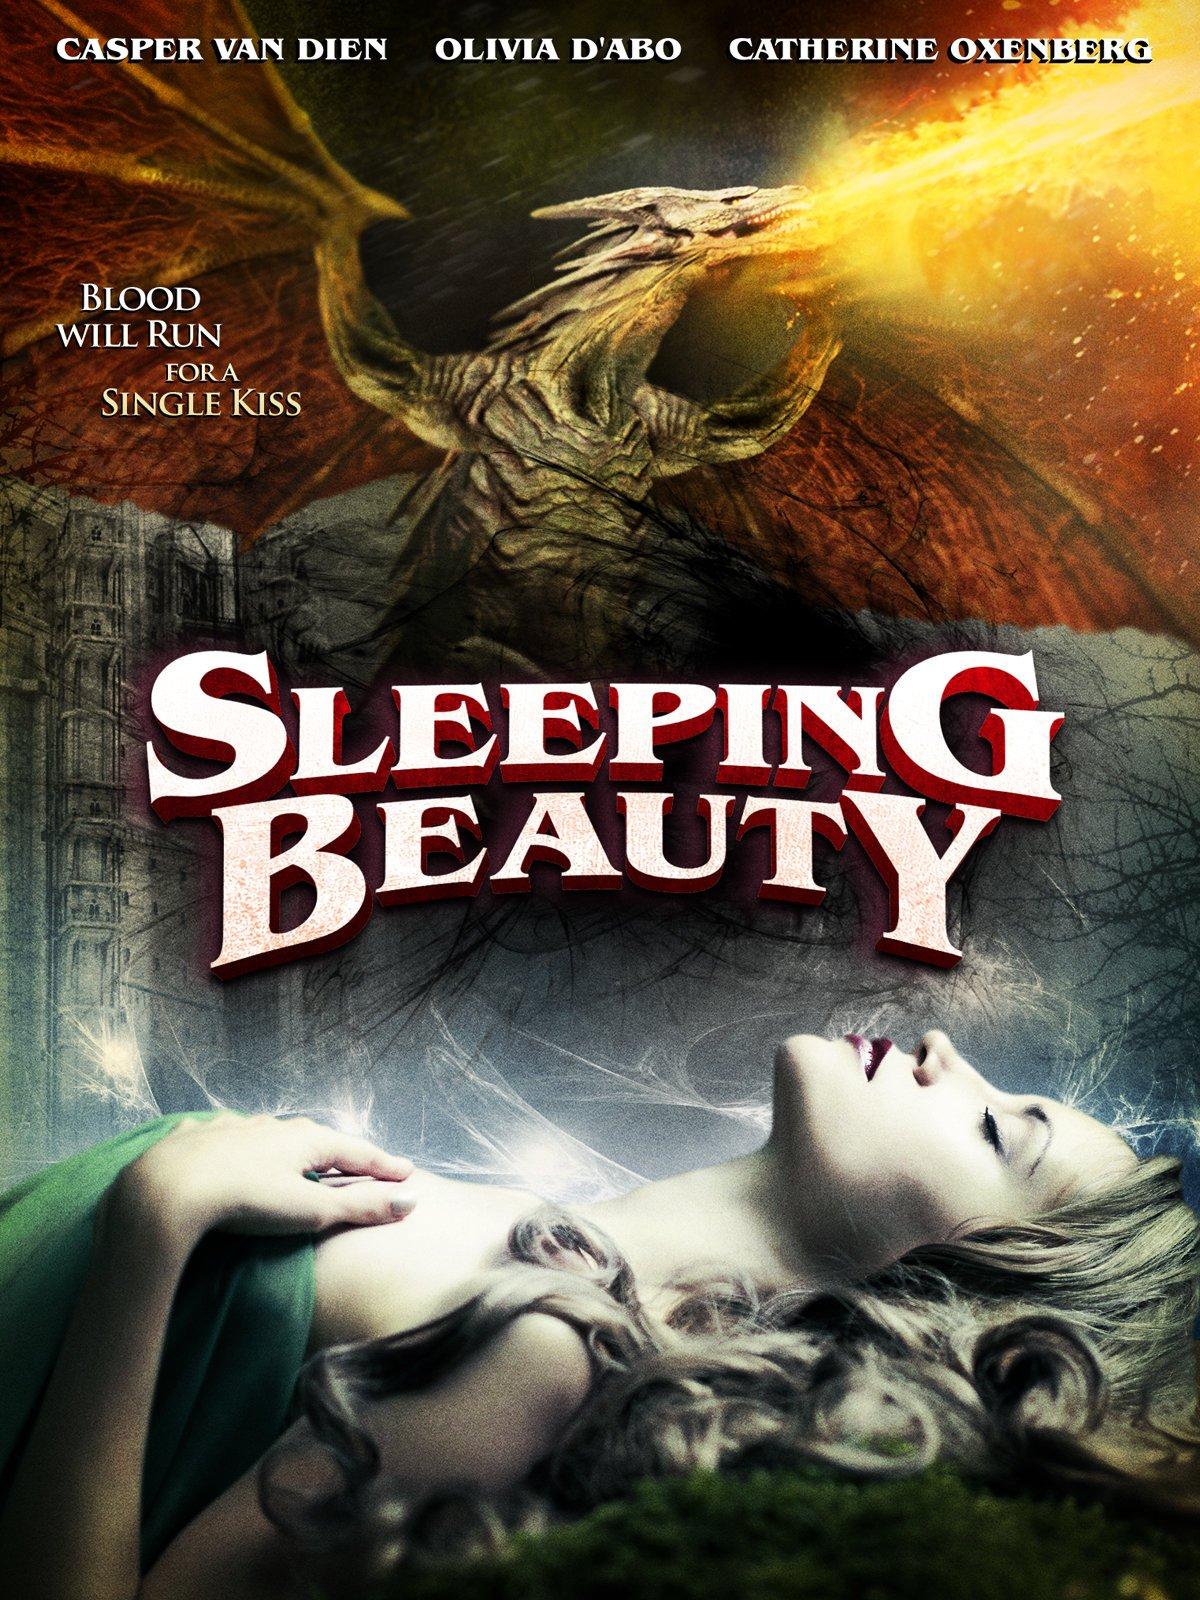 Sleeping Beauty by